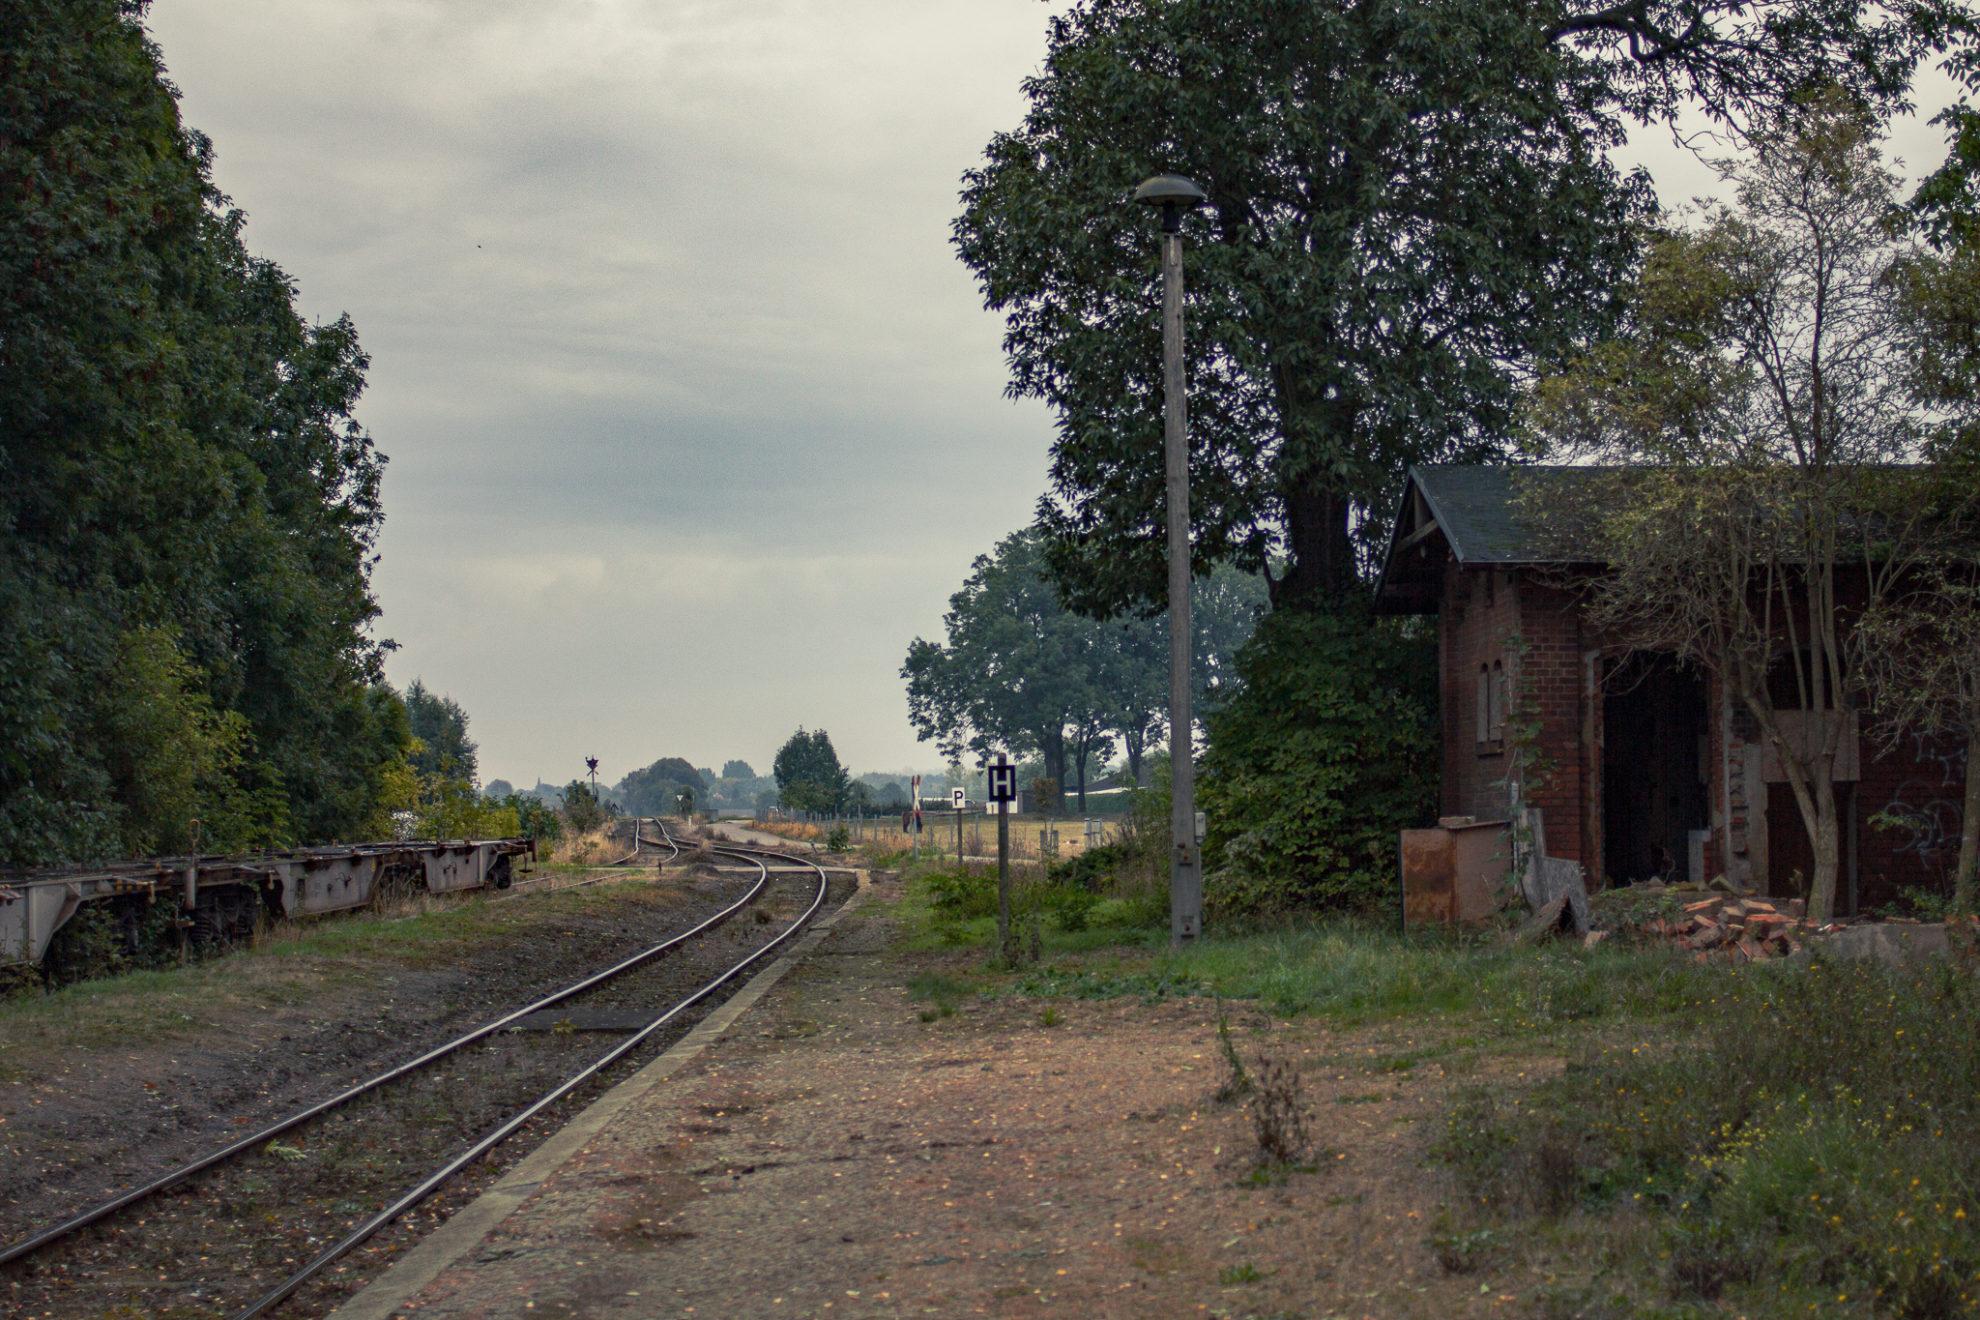 Blick über den ehemaligen Bahnsteig. Auf dem linken Gleis stehen abgestellte Waggons. Auf der rechten Seite liegen einige Ziegel vor einem heruntergekommenen Schuppen. Der Himmel ist grau, die Stimmung ist gedrückt.